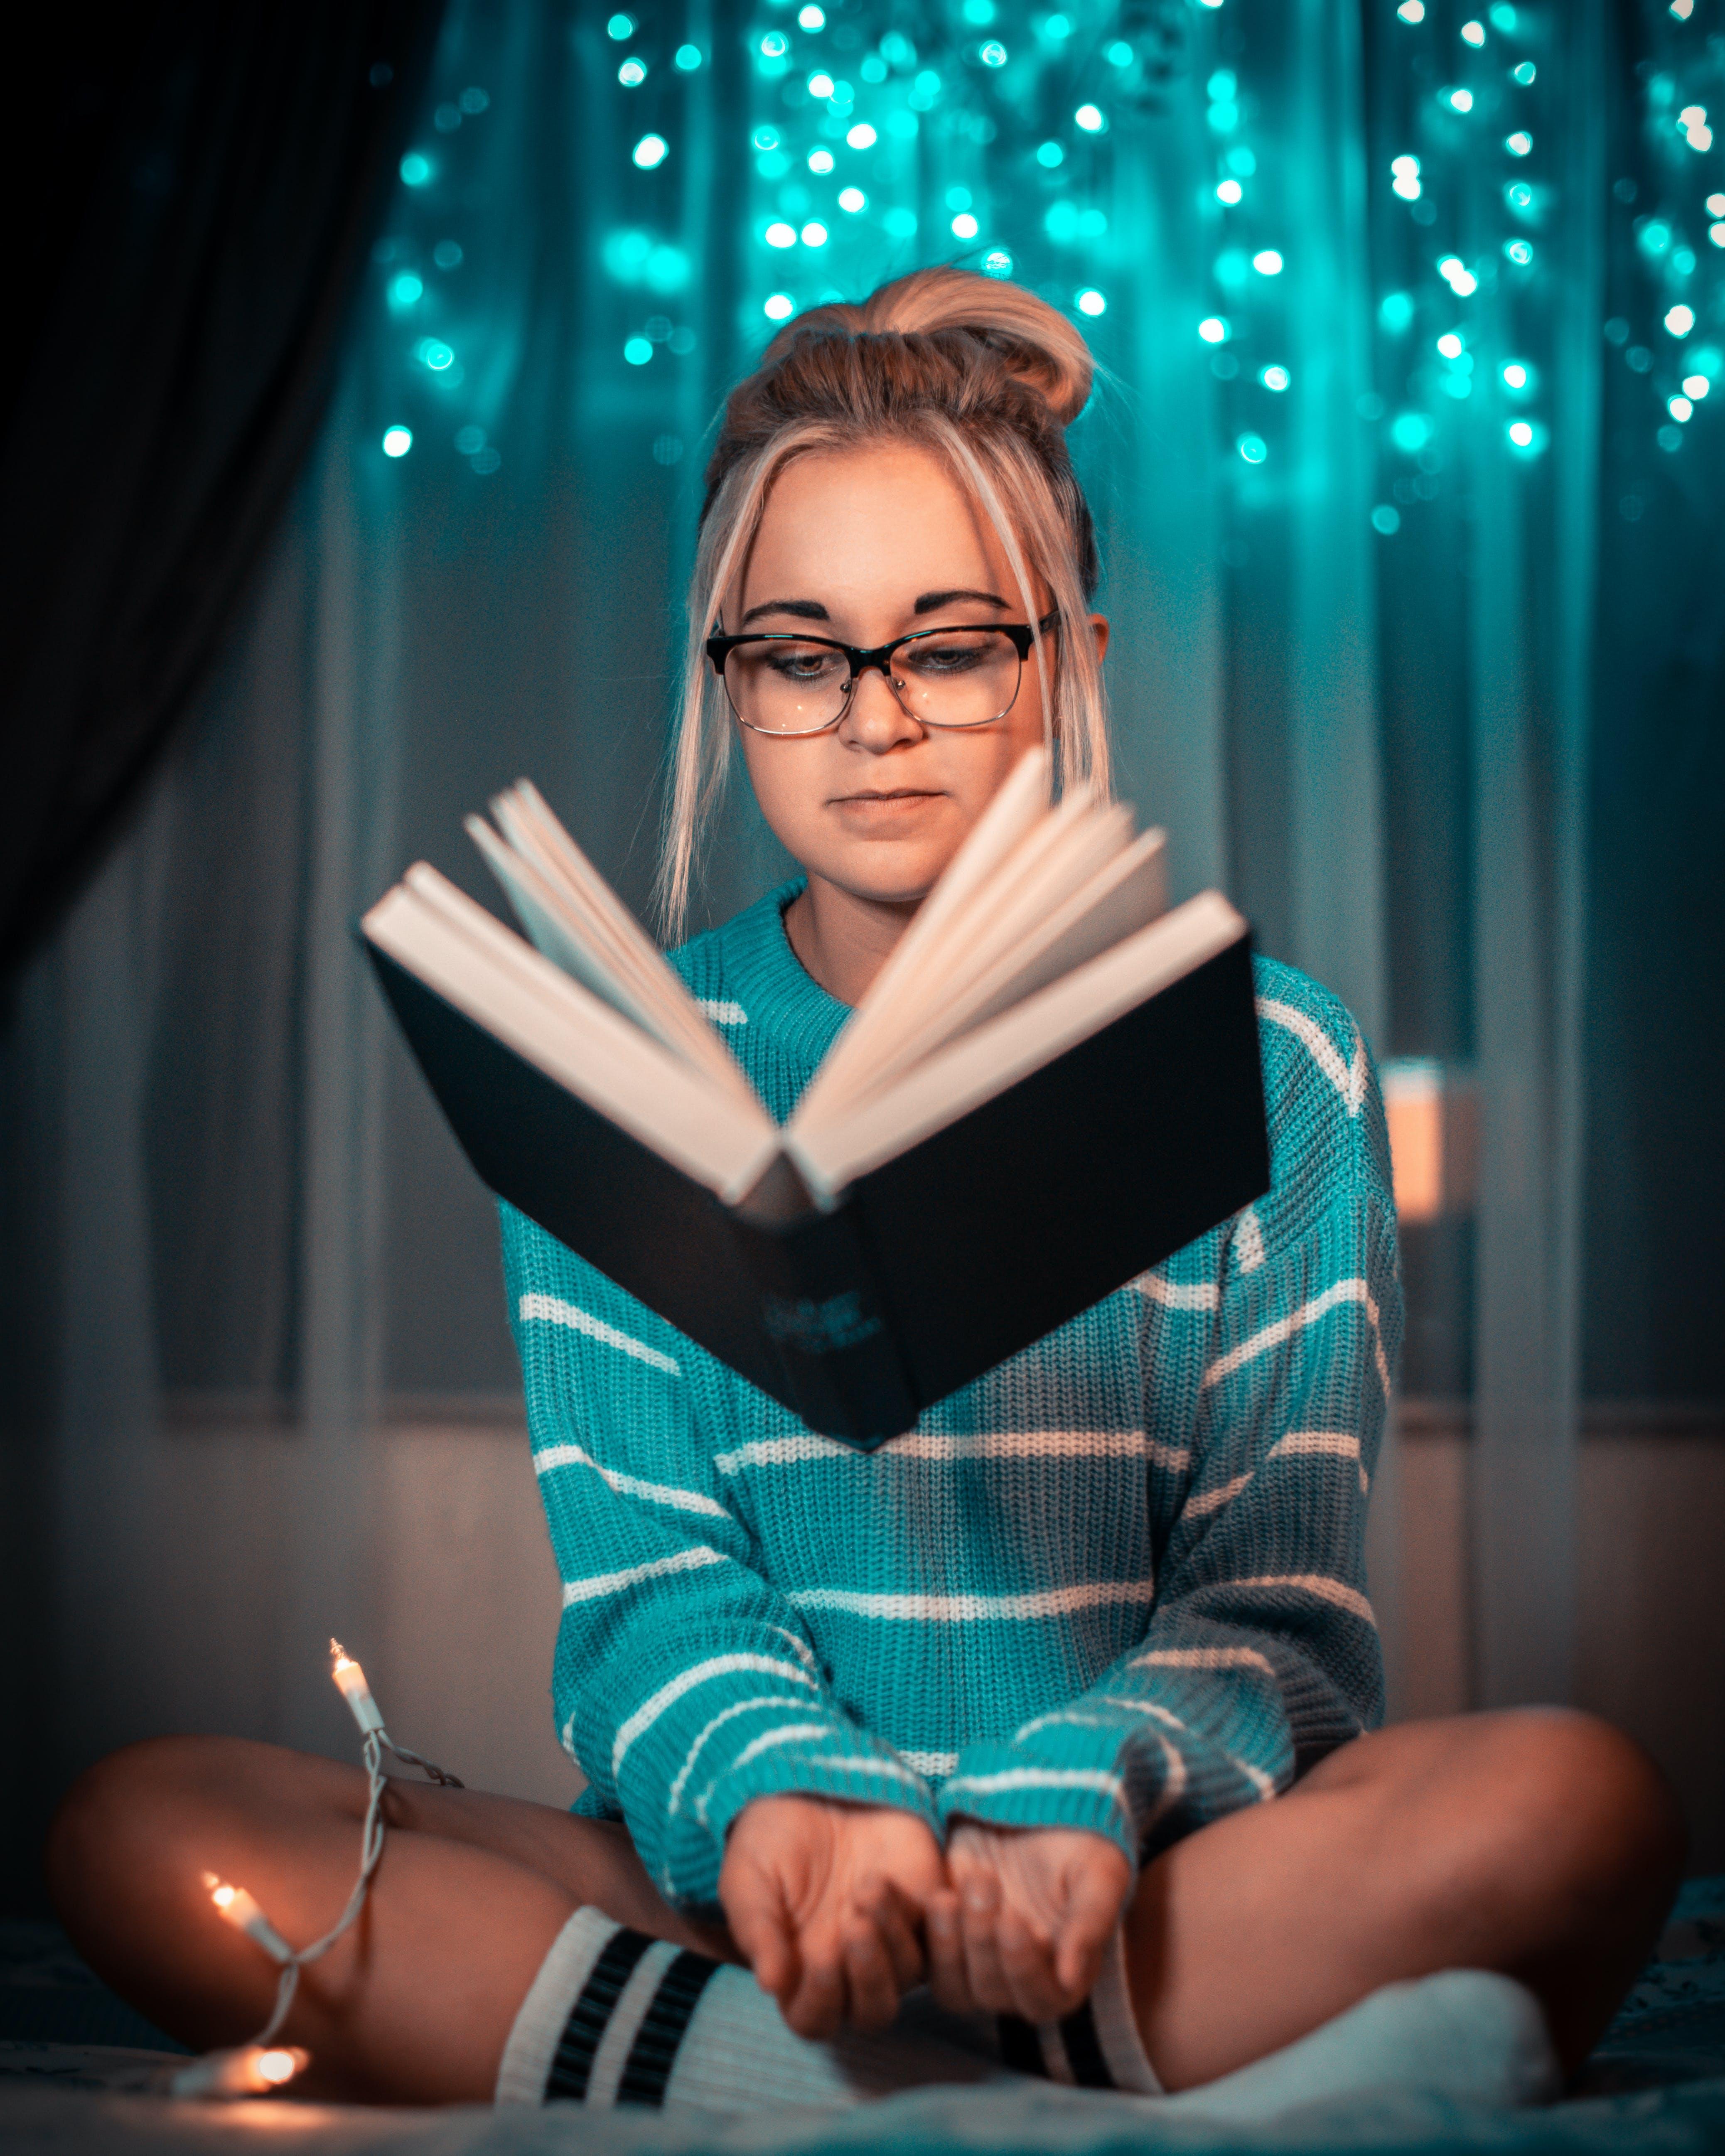 Kostnadsfri bild av ansiktsuttryck, blå, bok, få att sväva